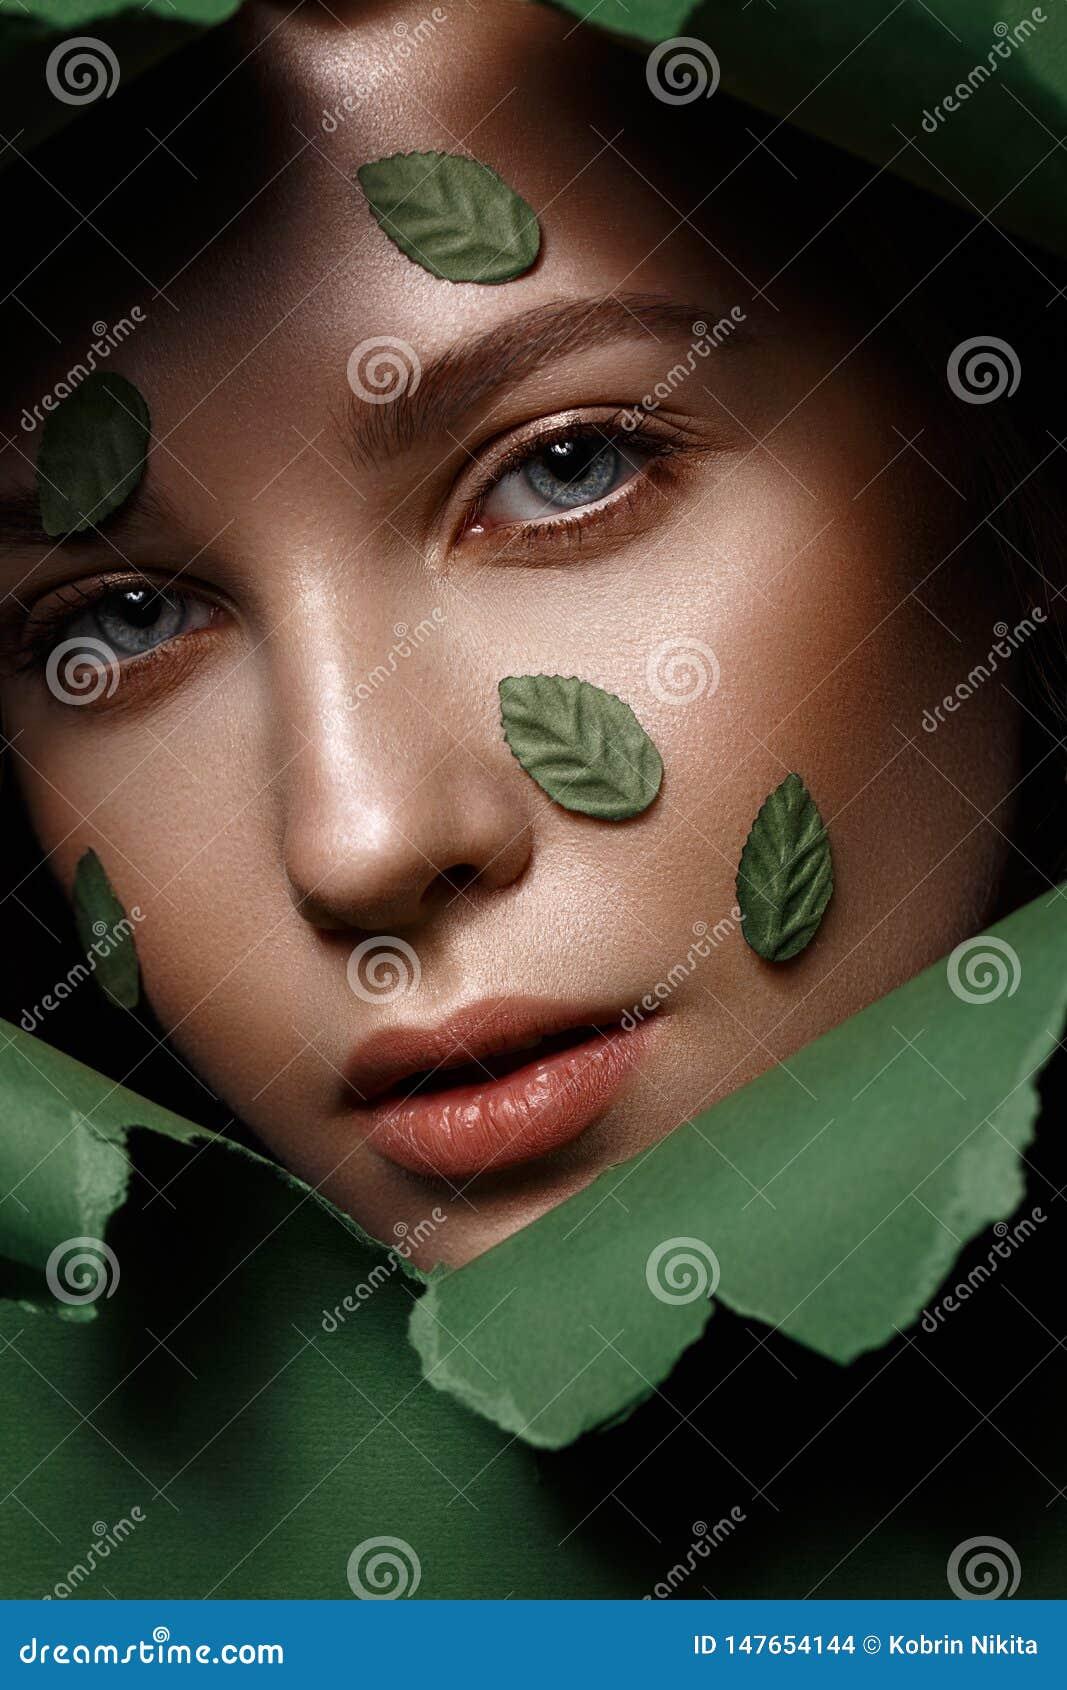 Το όμορφο φρέσκο κορίτσι με το τέλειο δέρμα, φυσικό κάνει τα επάνω και πράσινα φύλλα r o